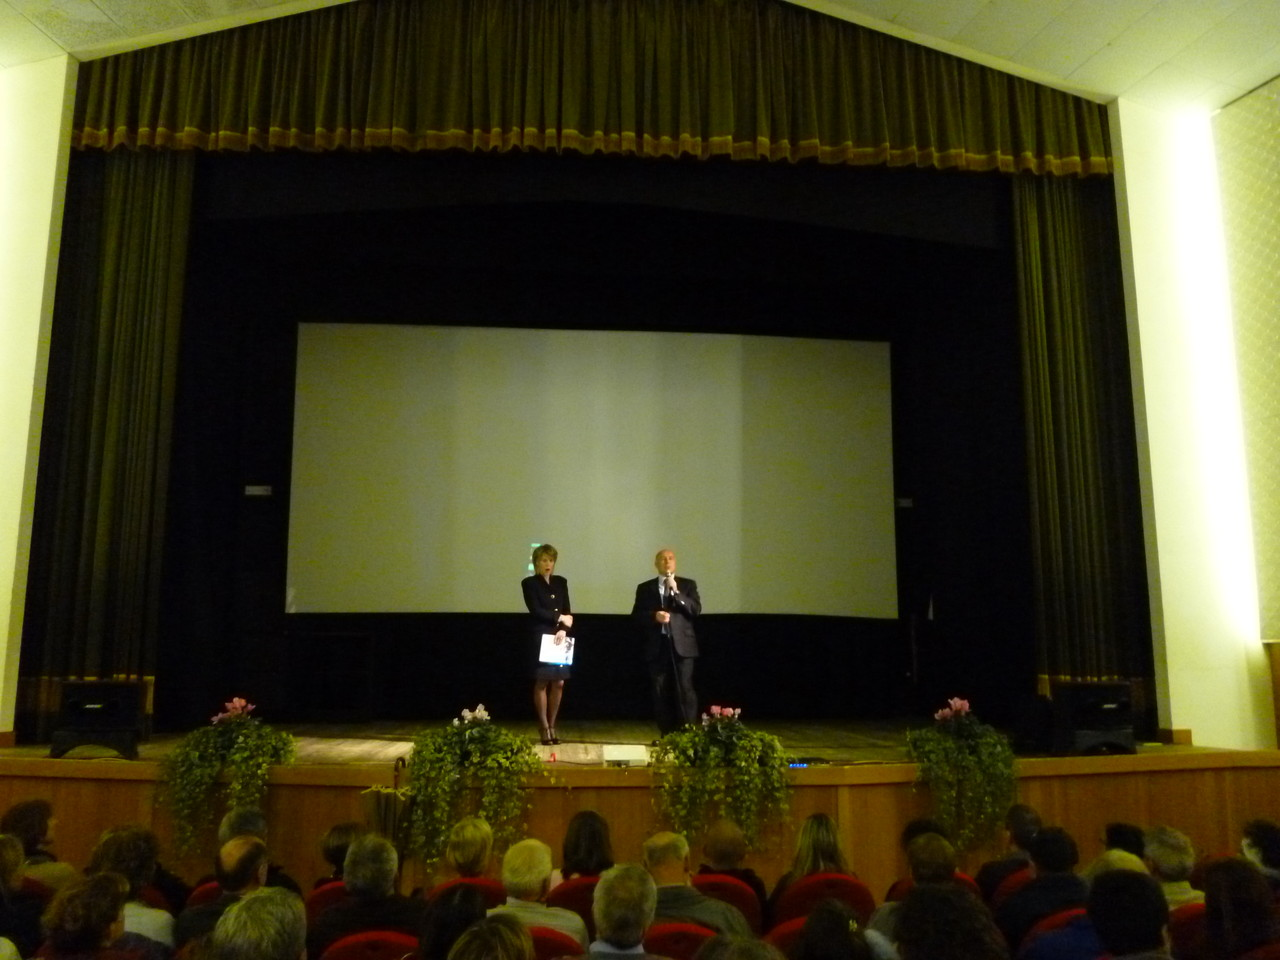 L'Assessore alla Cultura della Provincia Autonoma di Trento, Franco Panizza